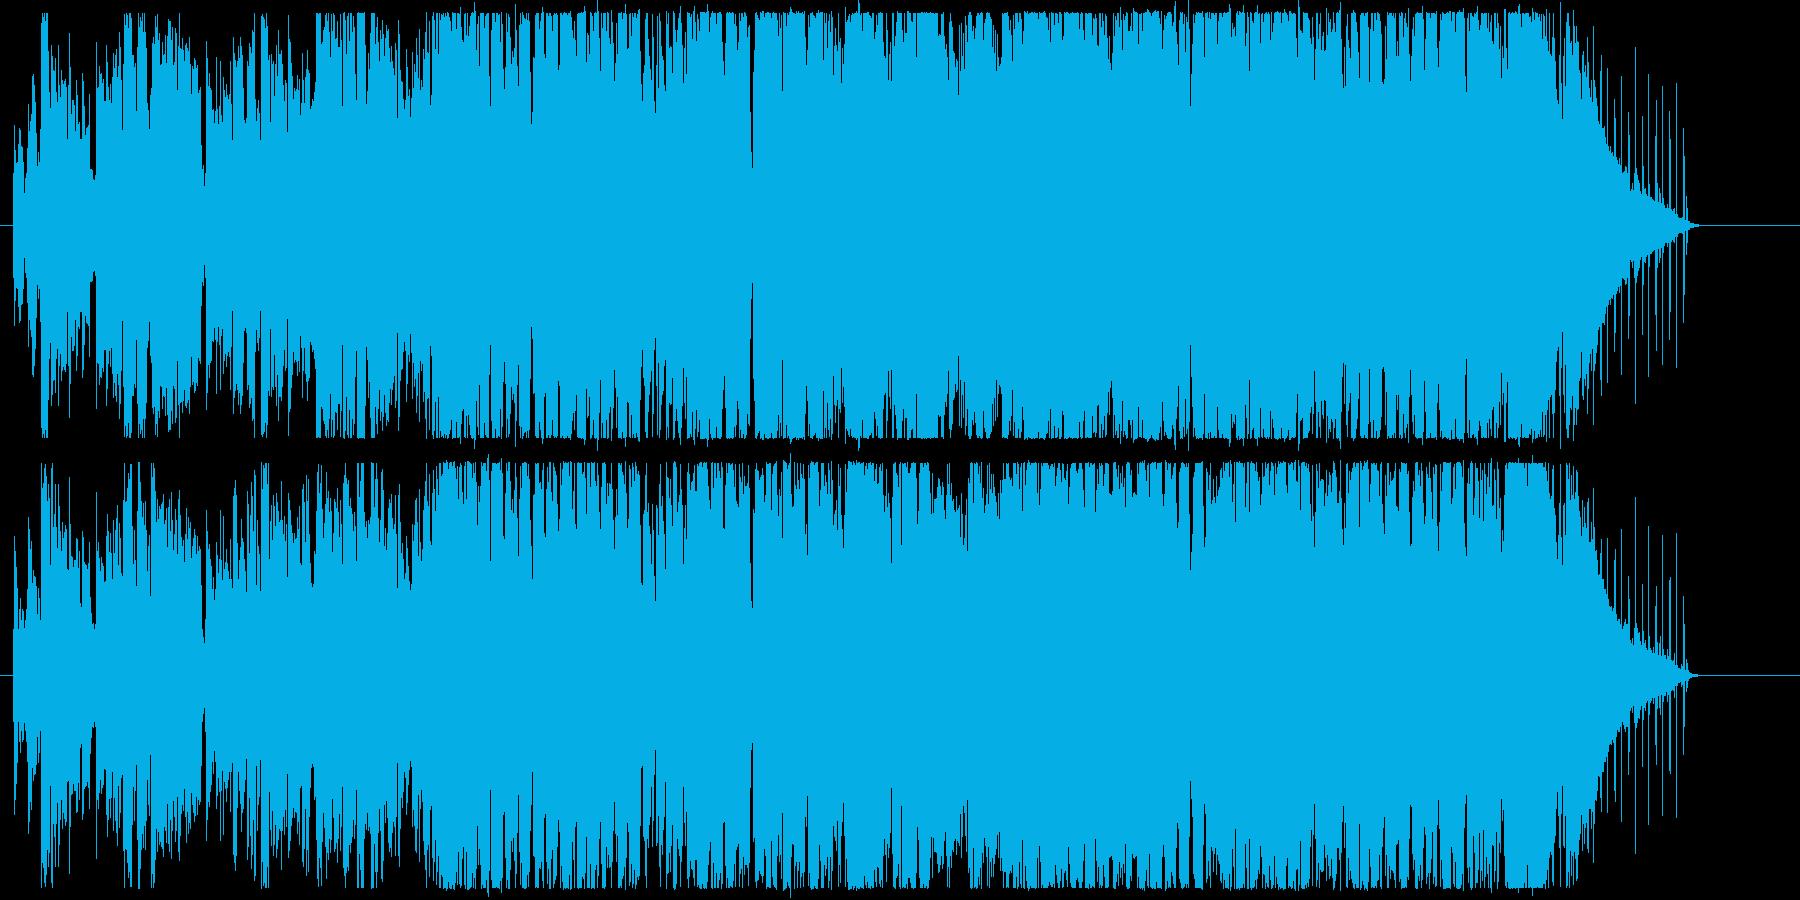 ハーモニカがあったかい感じのボサノバの再生済みの波形